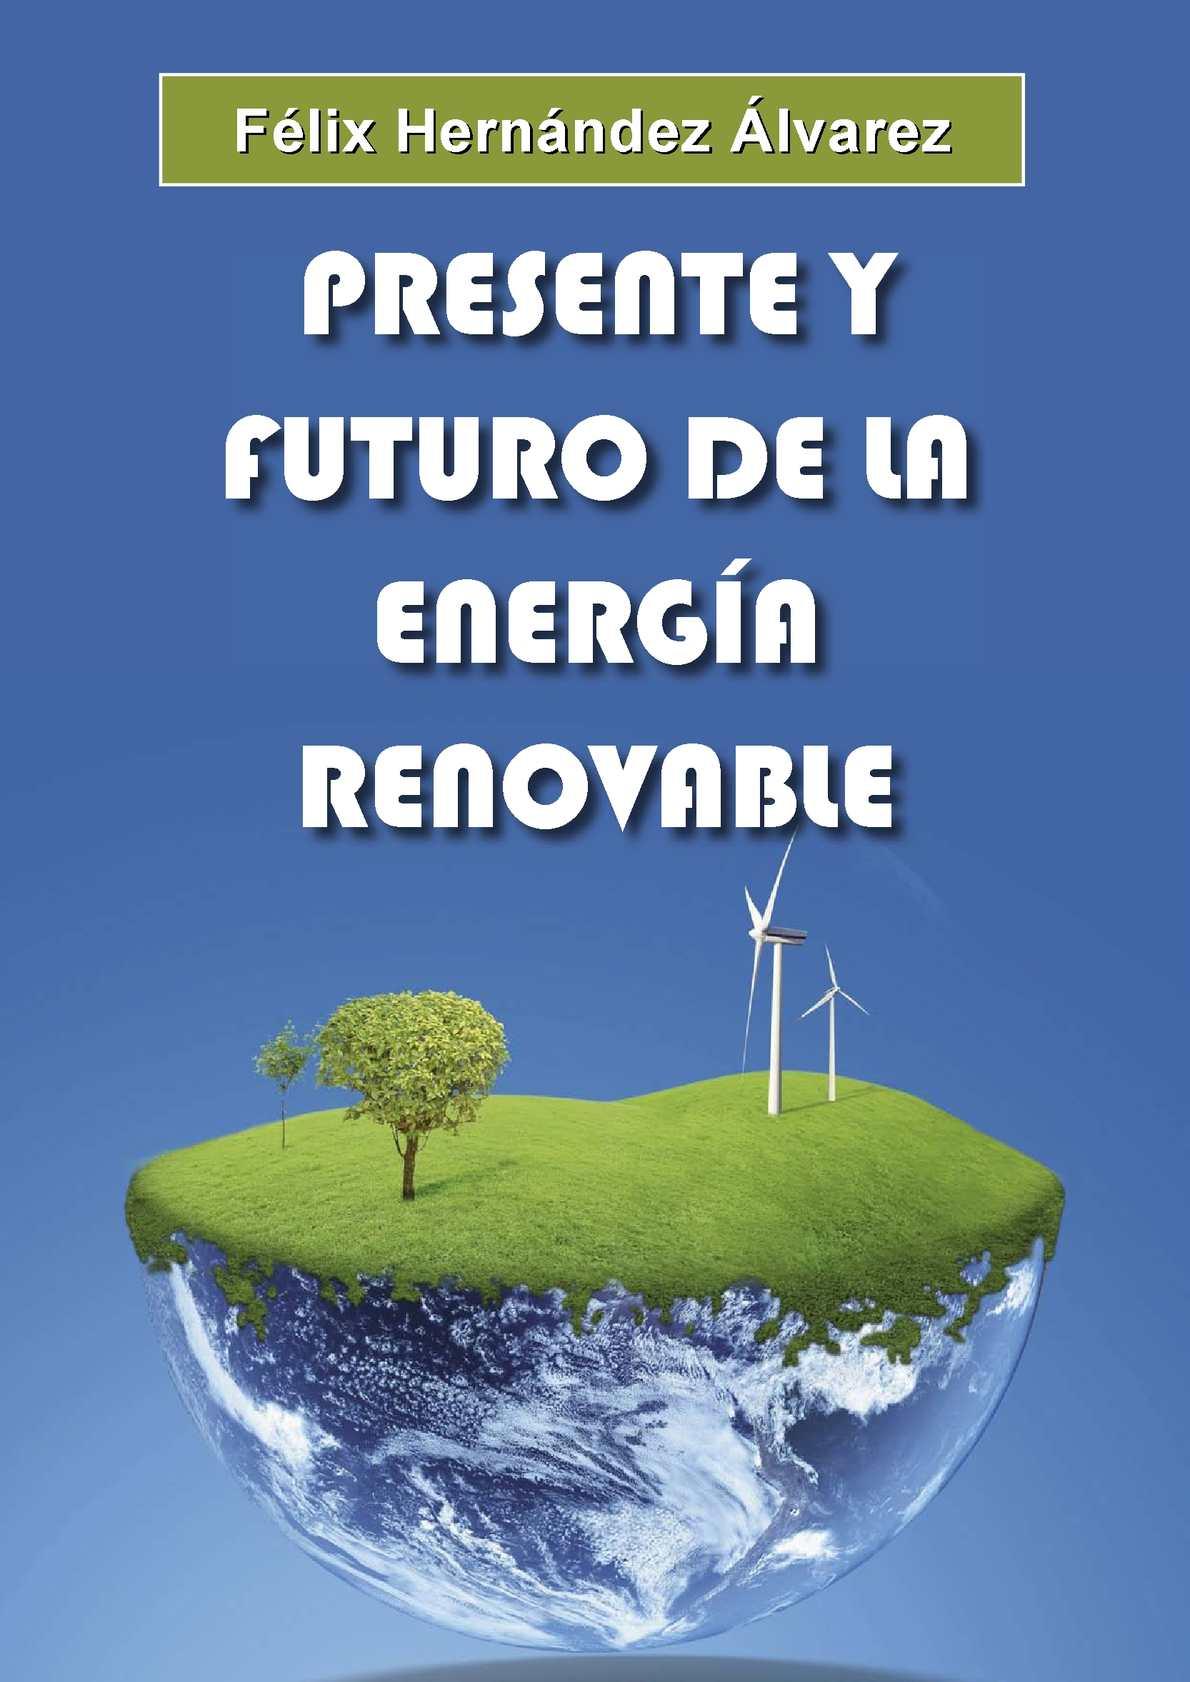 Presente y futuro de la energía renovable